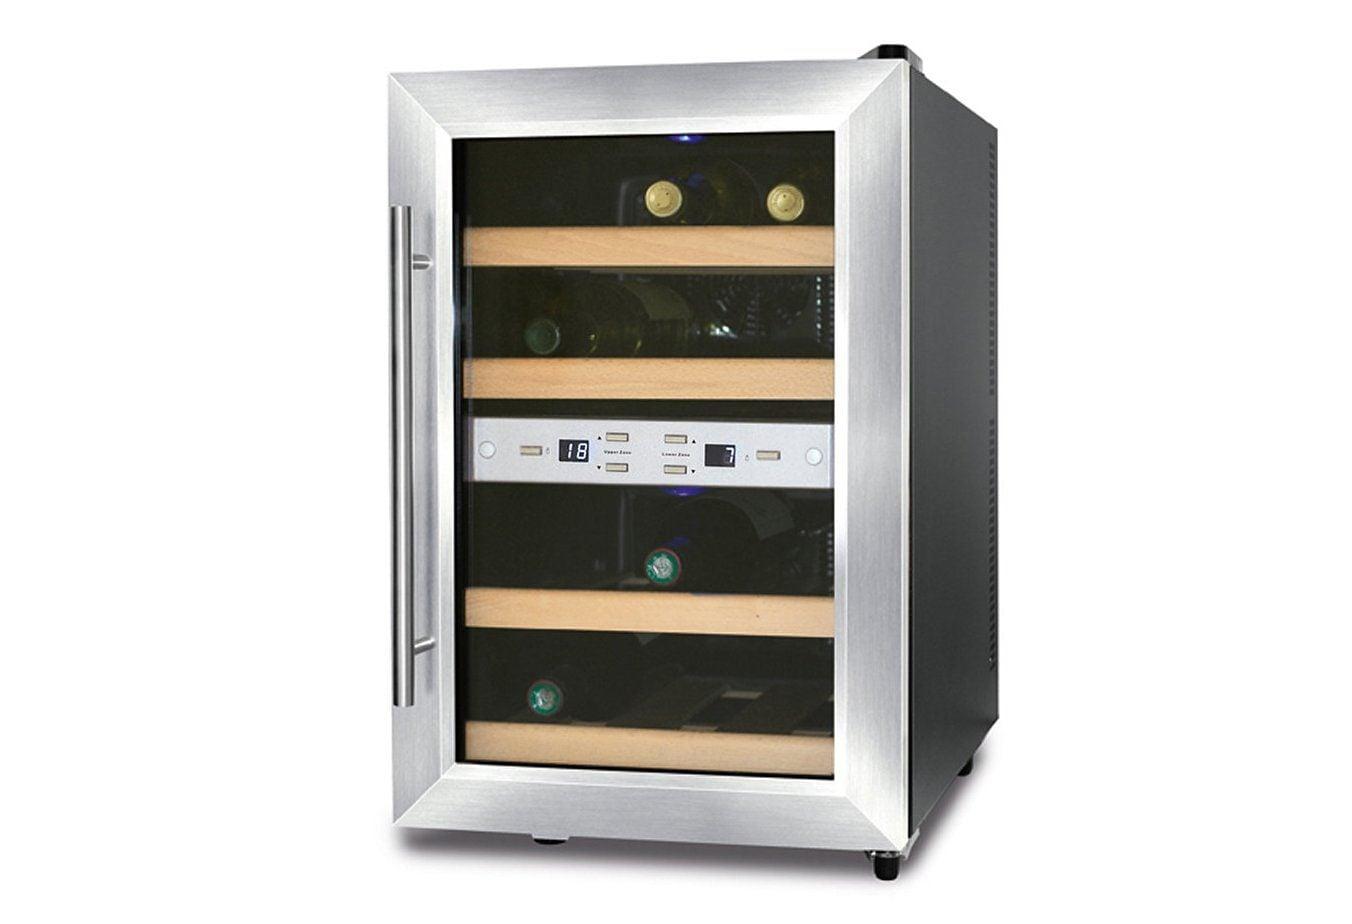 Aeg Kühlschrank Rtb91531aw A 85 Cm Hoch : Kühlschränke online günstig kaufen über shop at shop